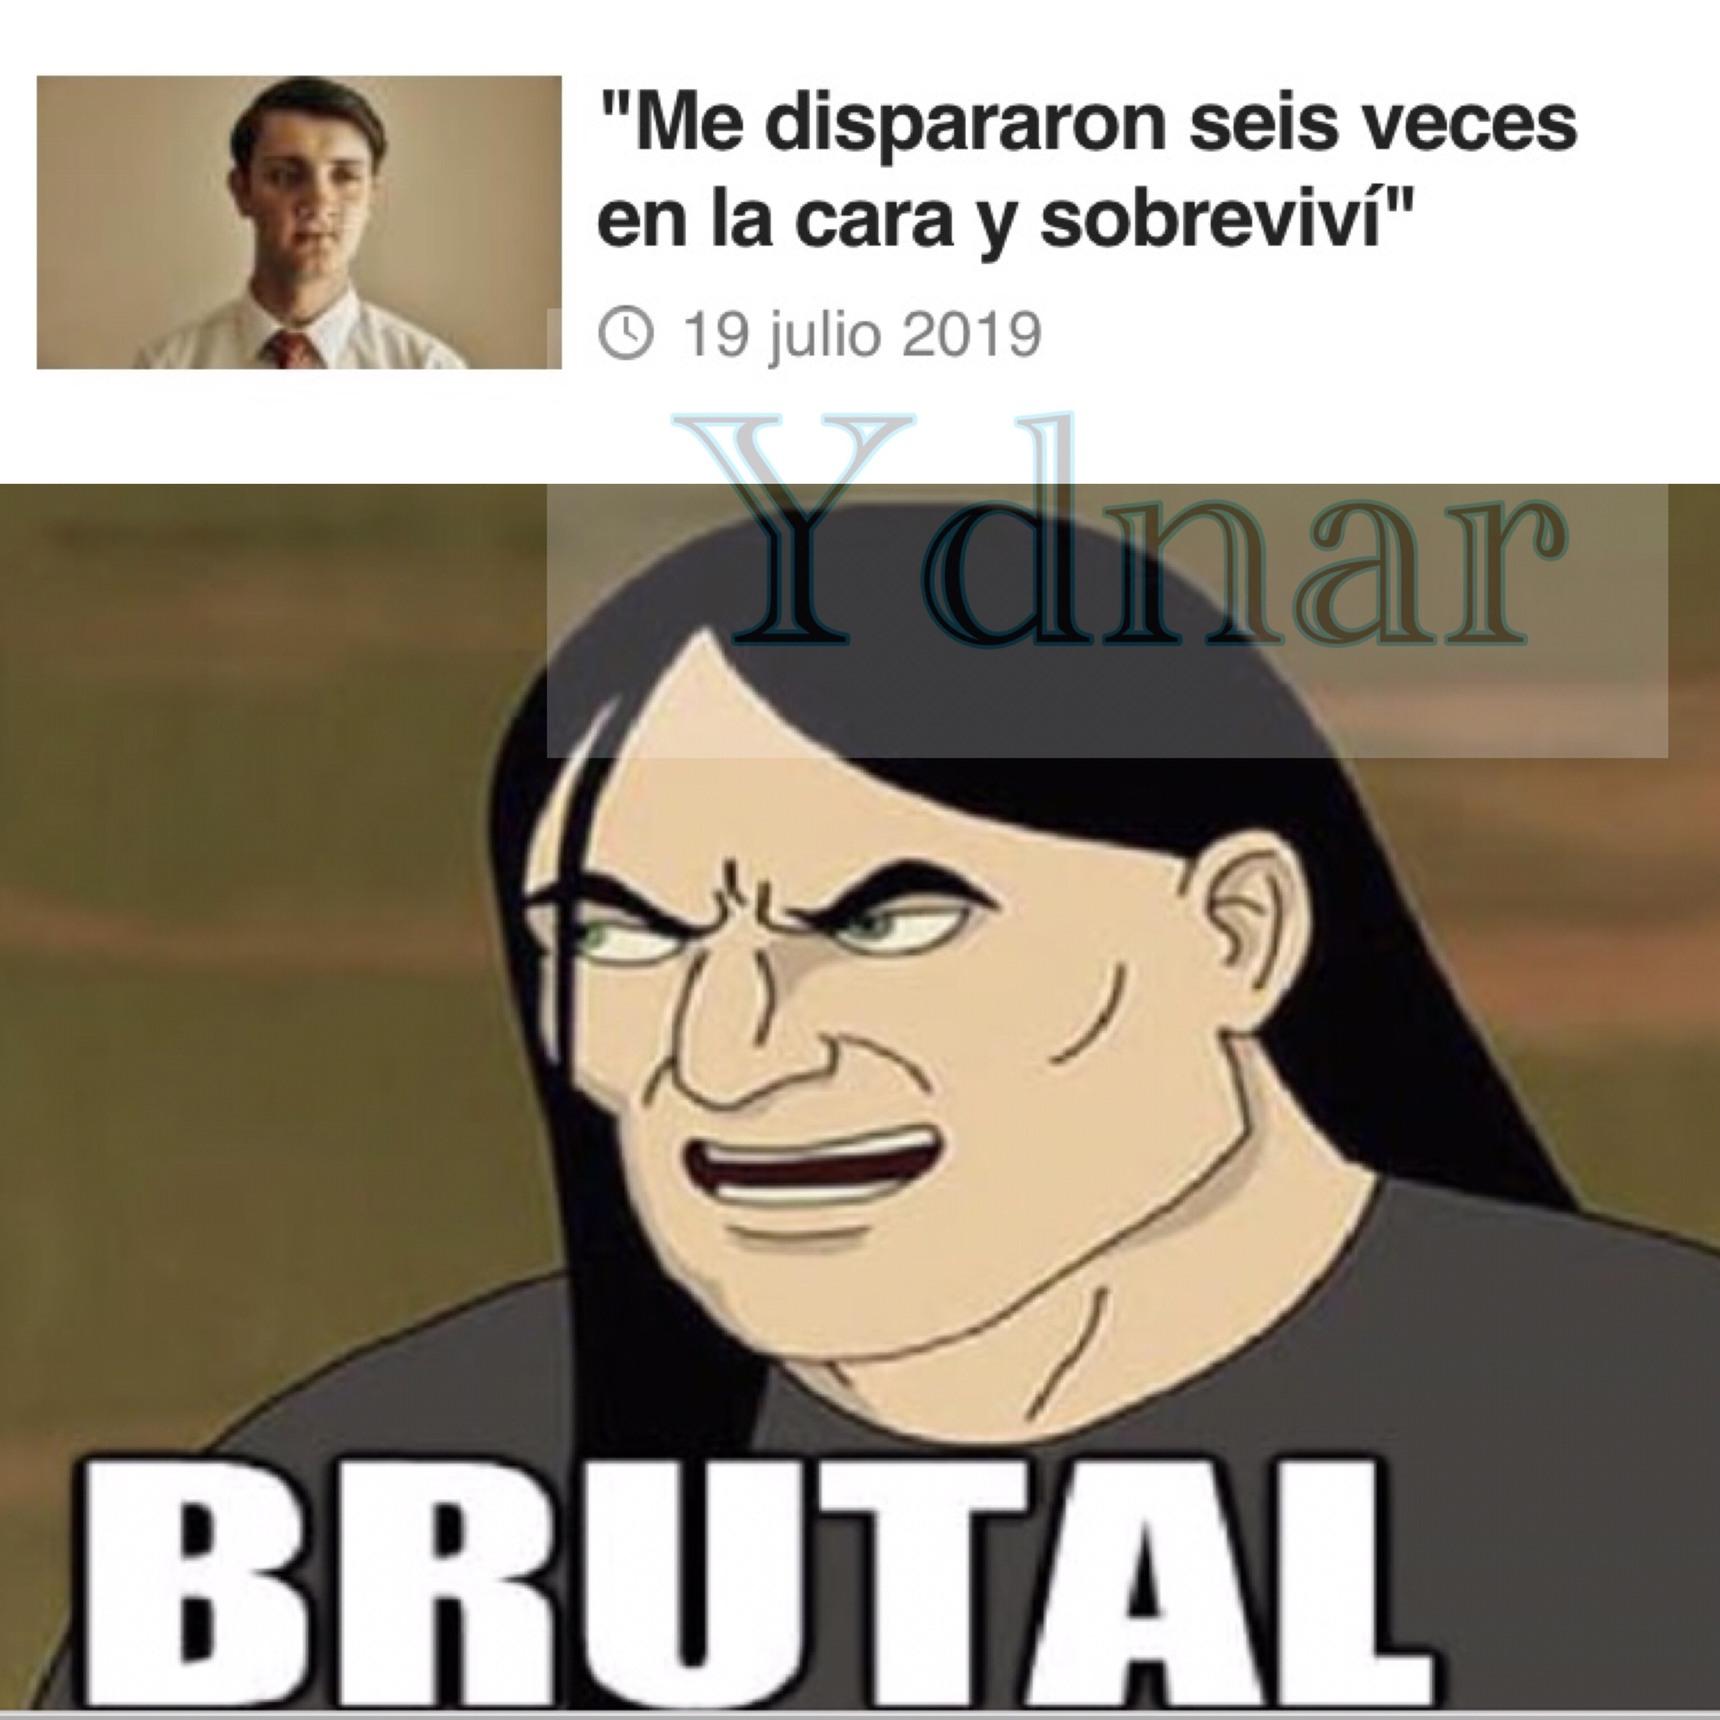 ydnar - meme